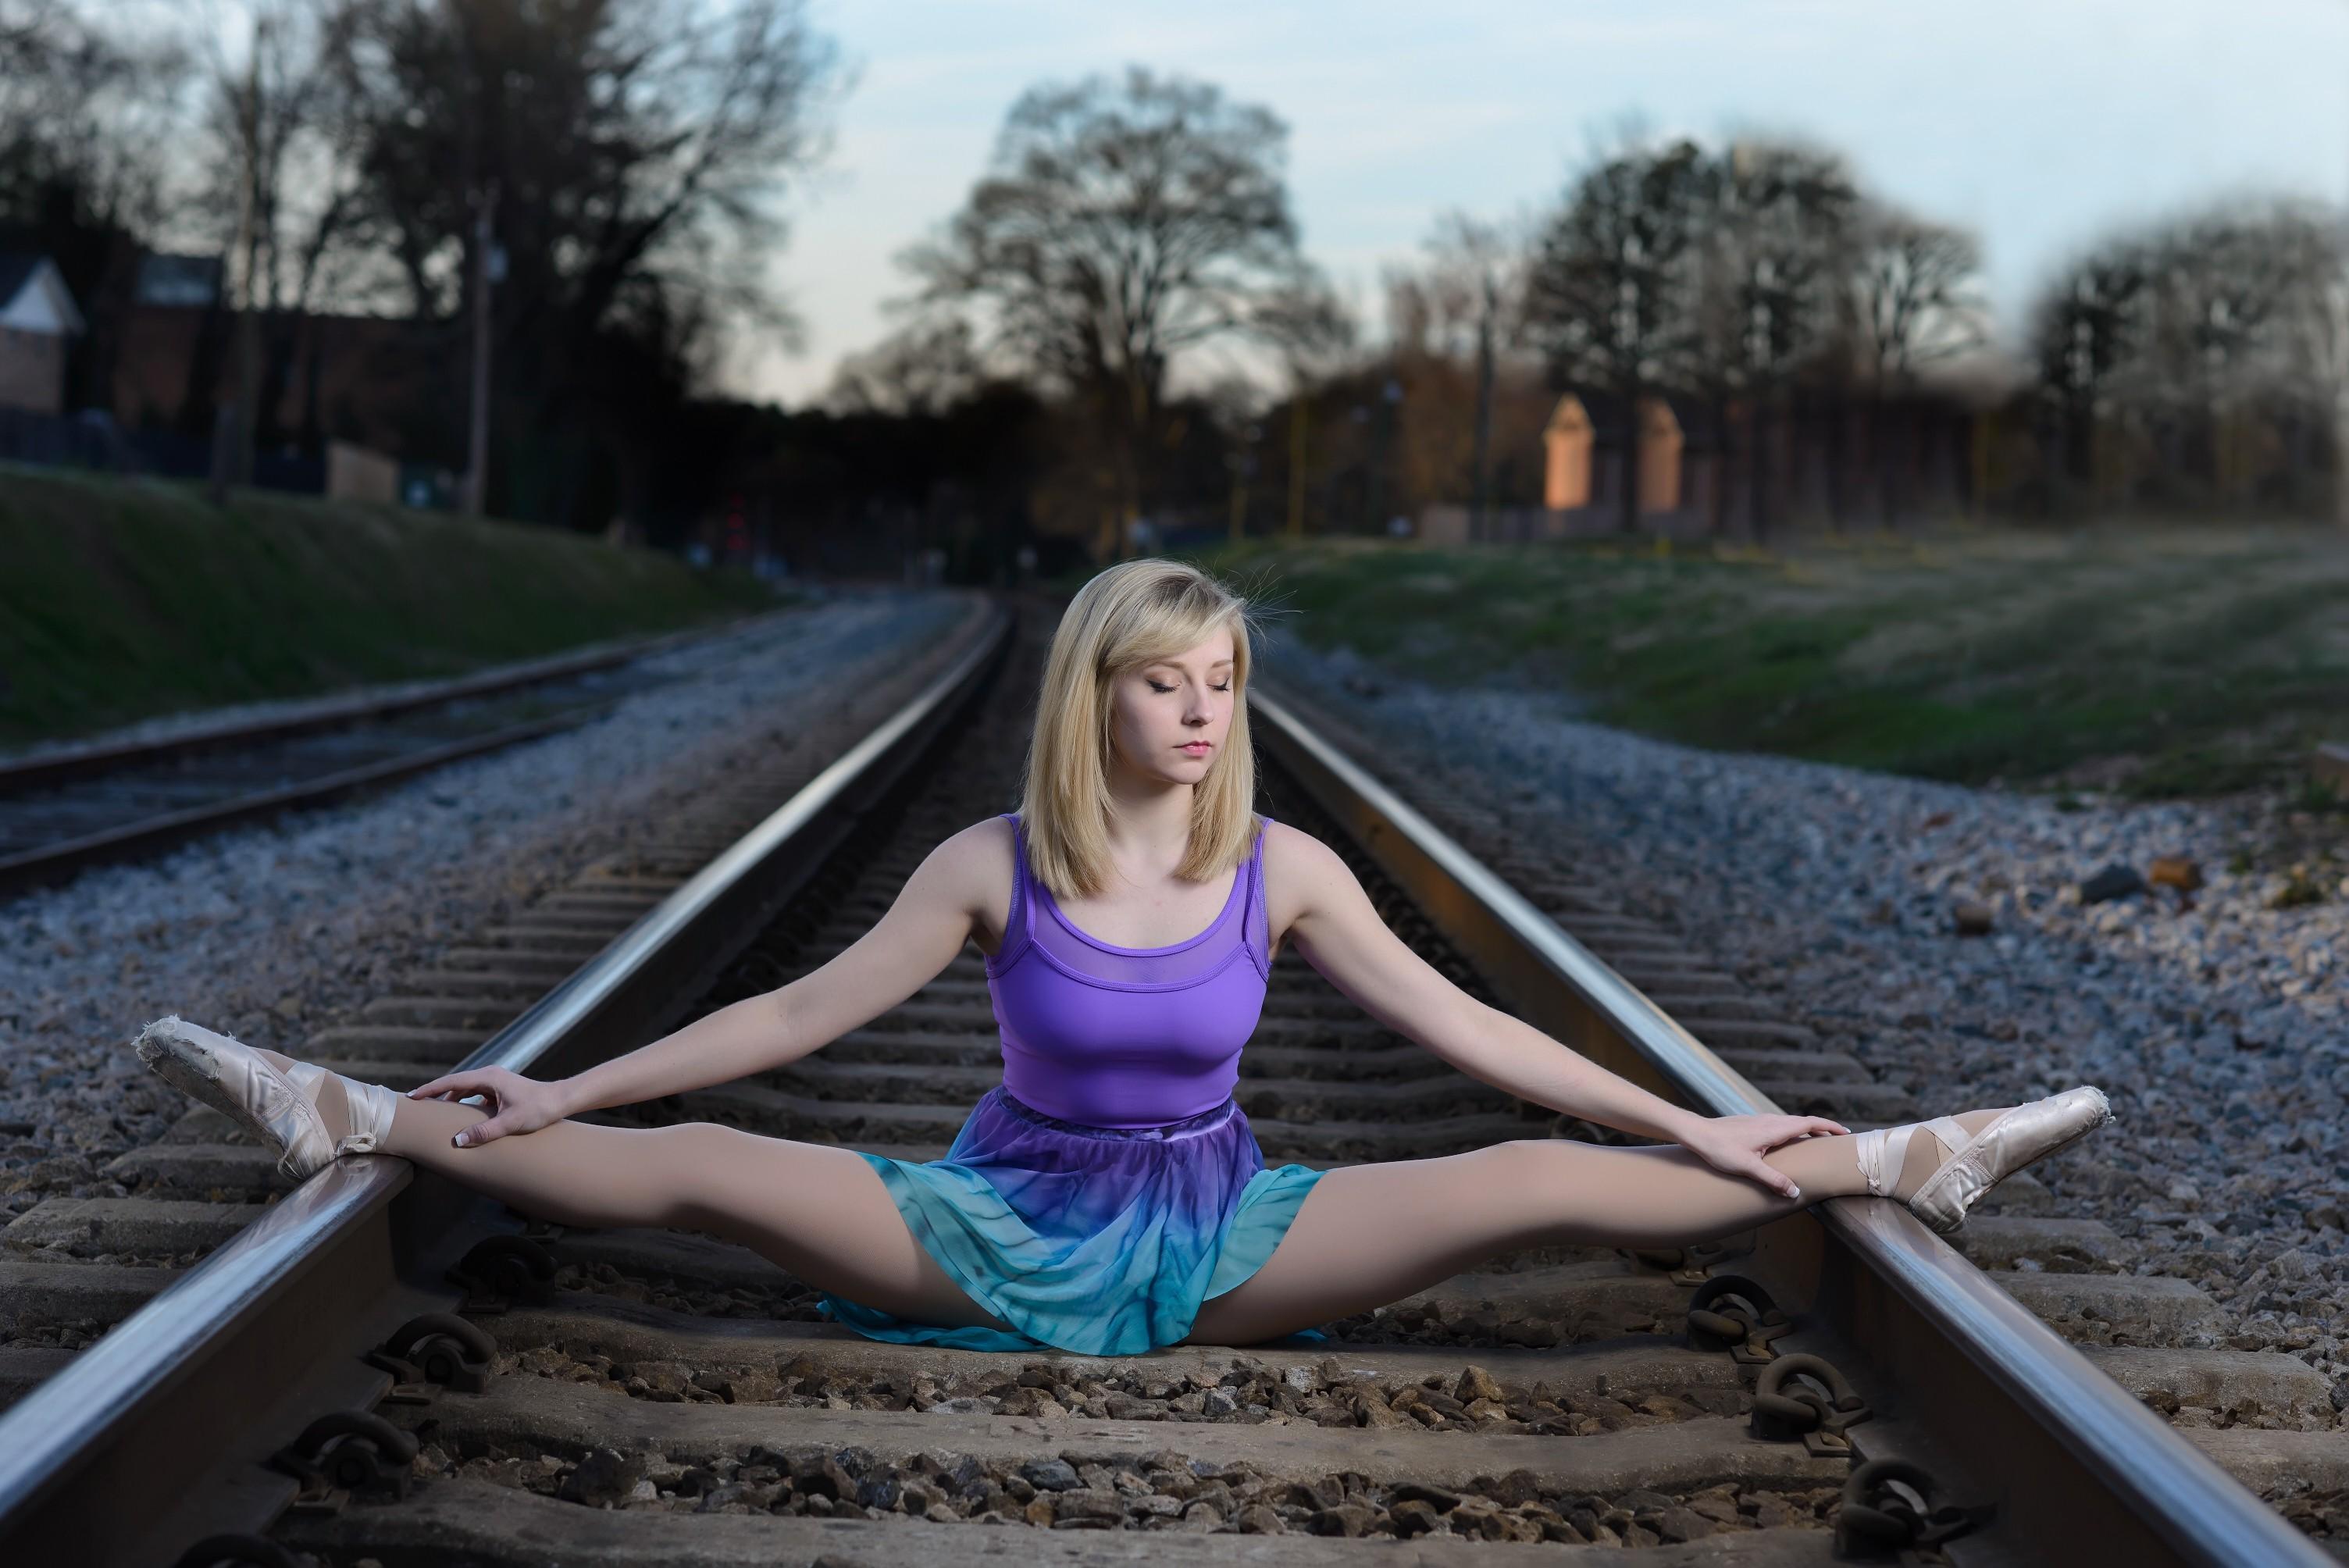 wallpaper : sports, women, model, sitting, railway, spread legs